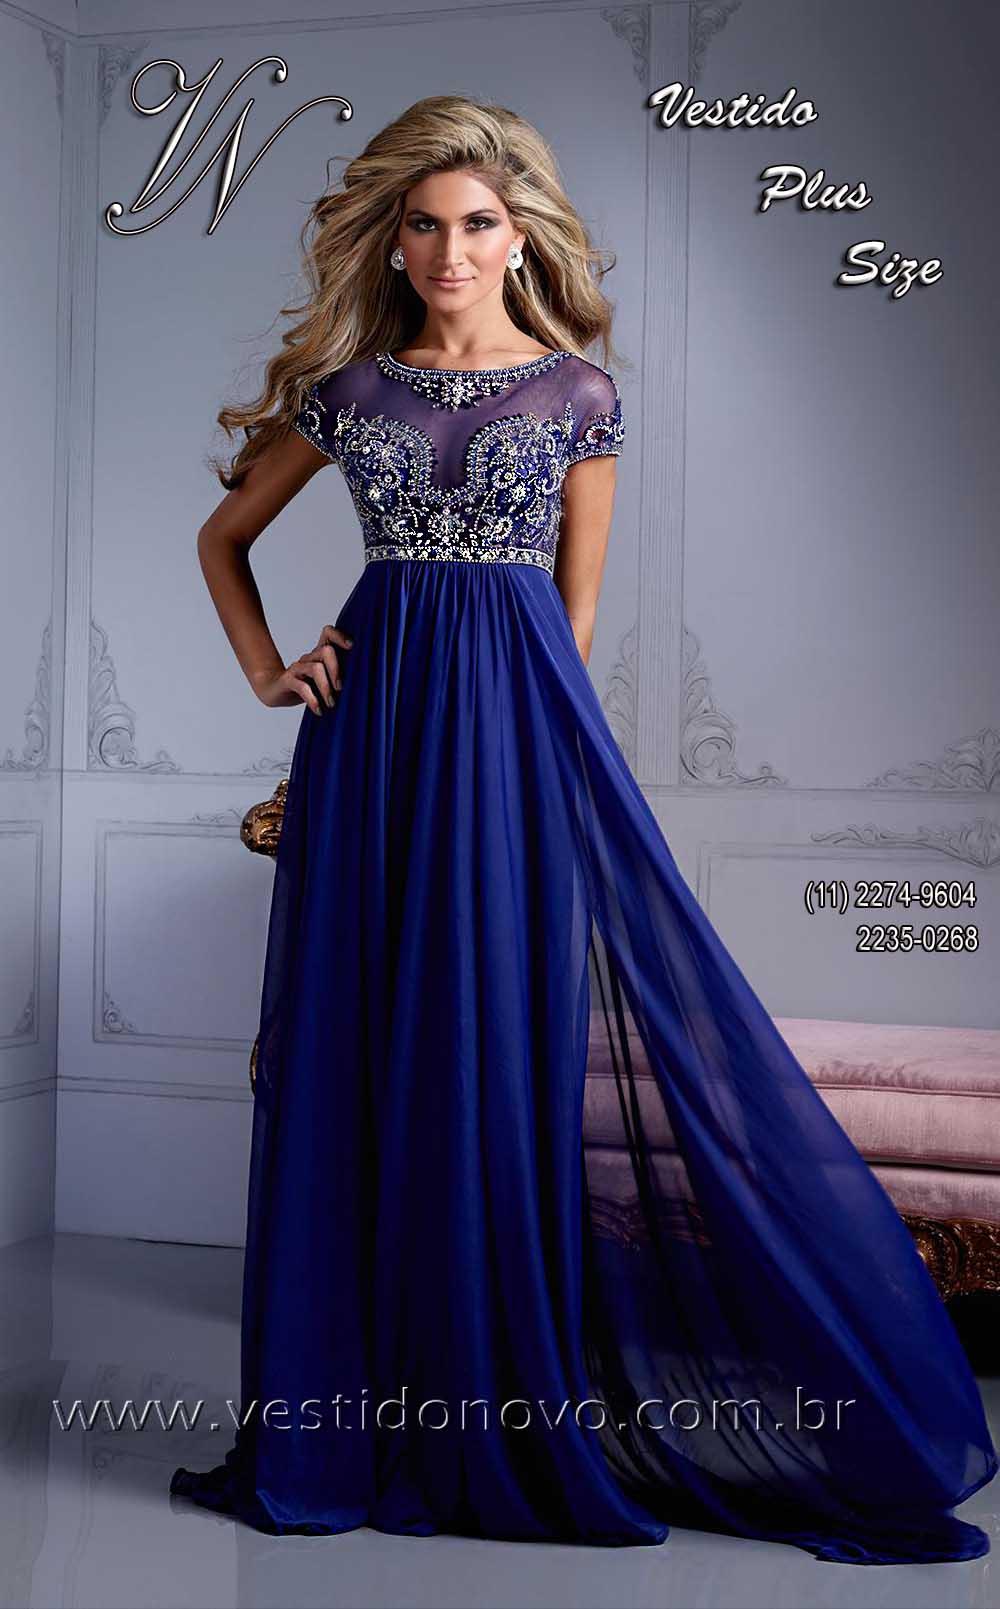 Vestido longo azul marinho com brilho